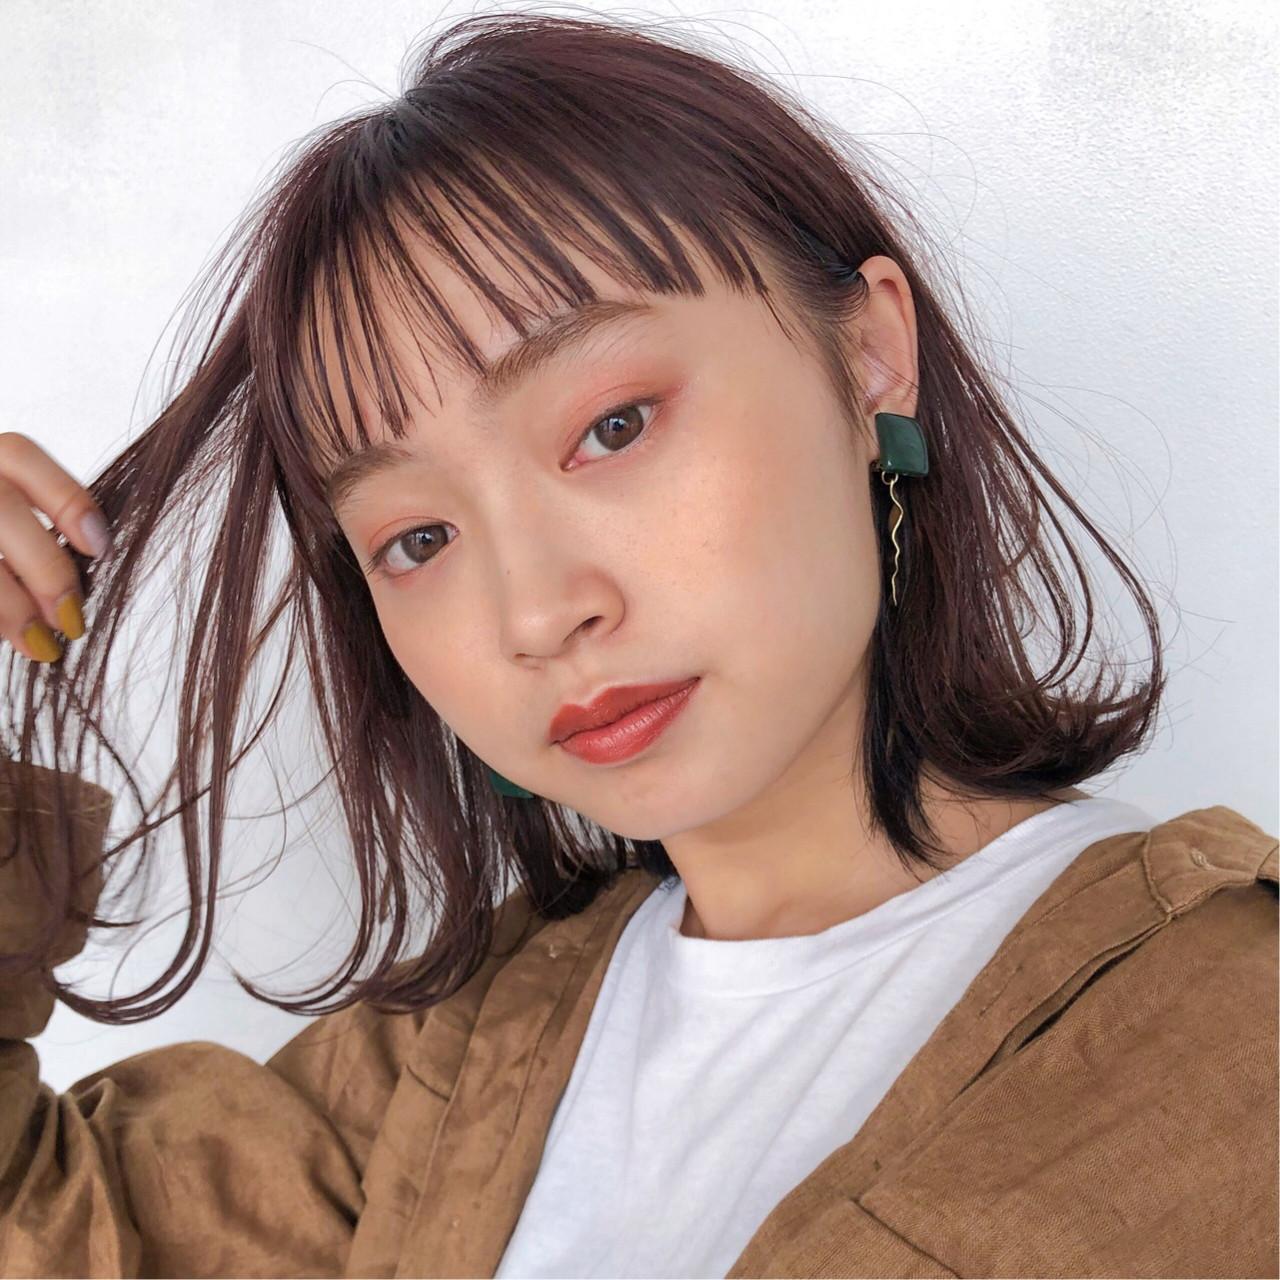 パーティー ヘアアレンジ 簡単ヘアアレンジ ボブ ヘアスタイルや髪型の写真・画像 | GARDEN harajuku 塩見 / GARDEN harajuku